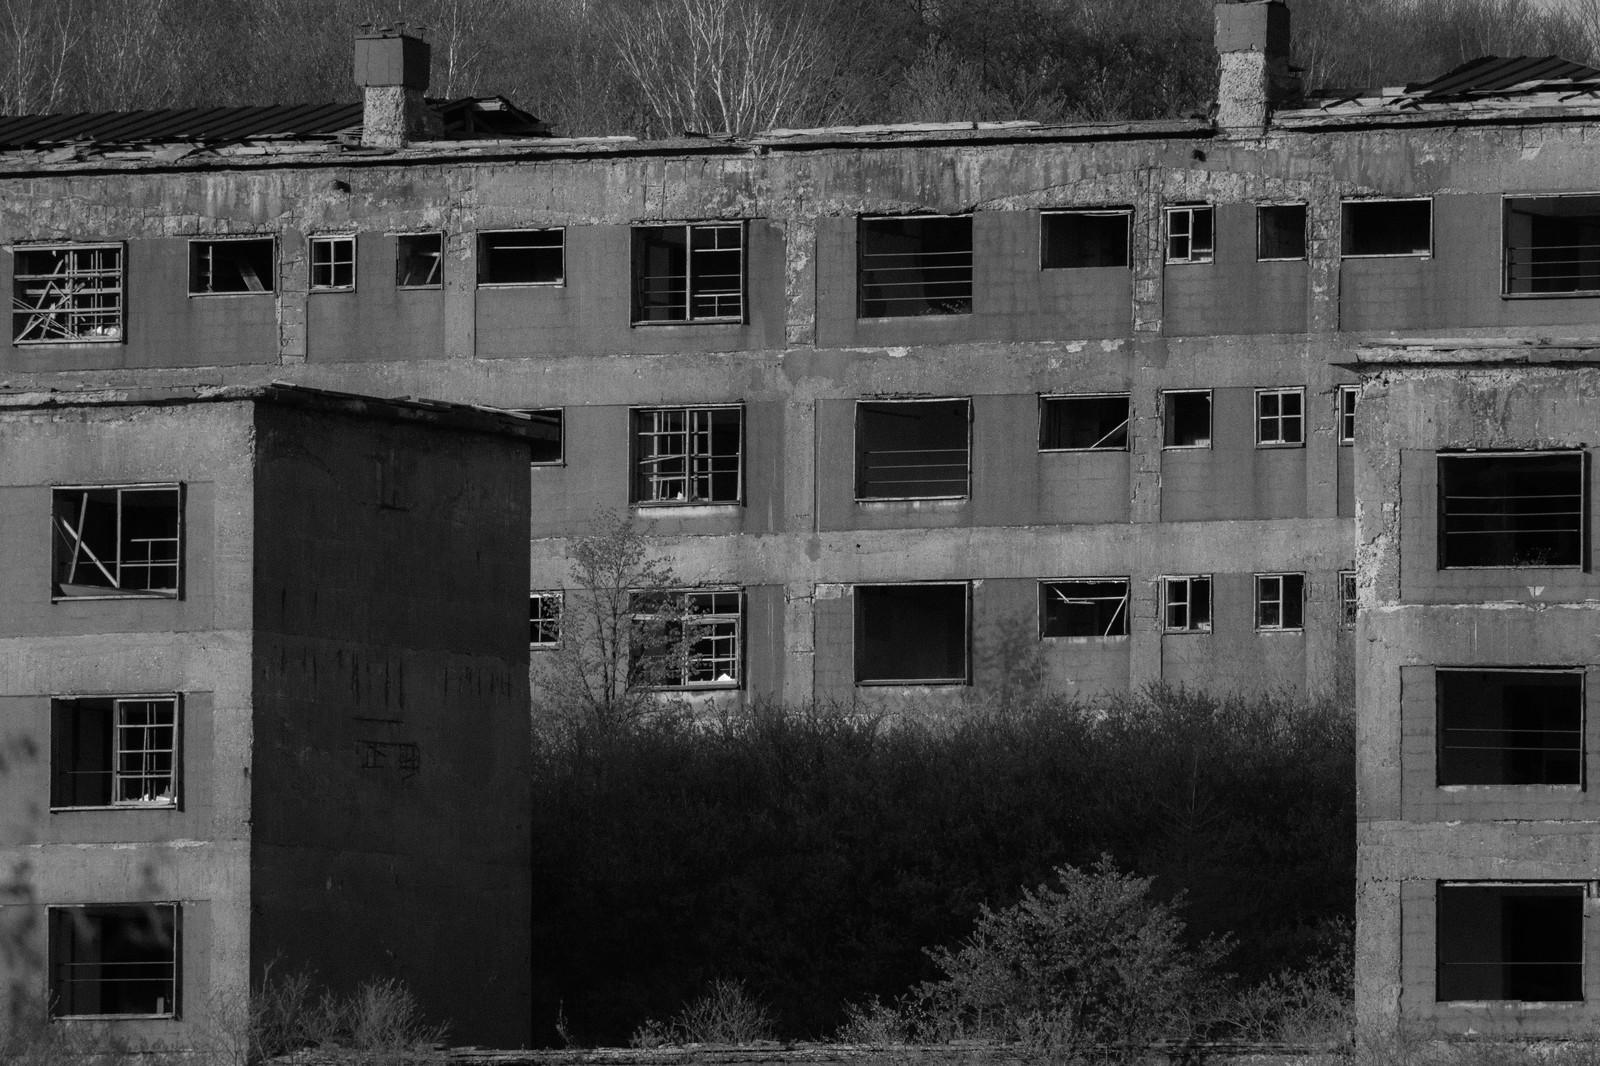 松尾鉱山跡は岩手にある廃墟スポット!過去の記録が残る資料館も必見!